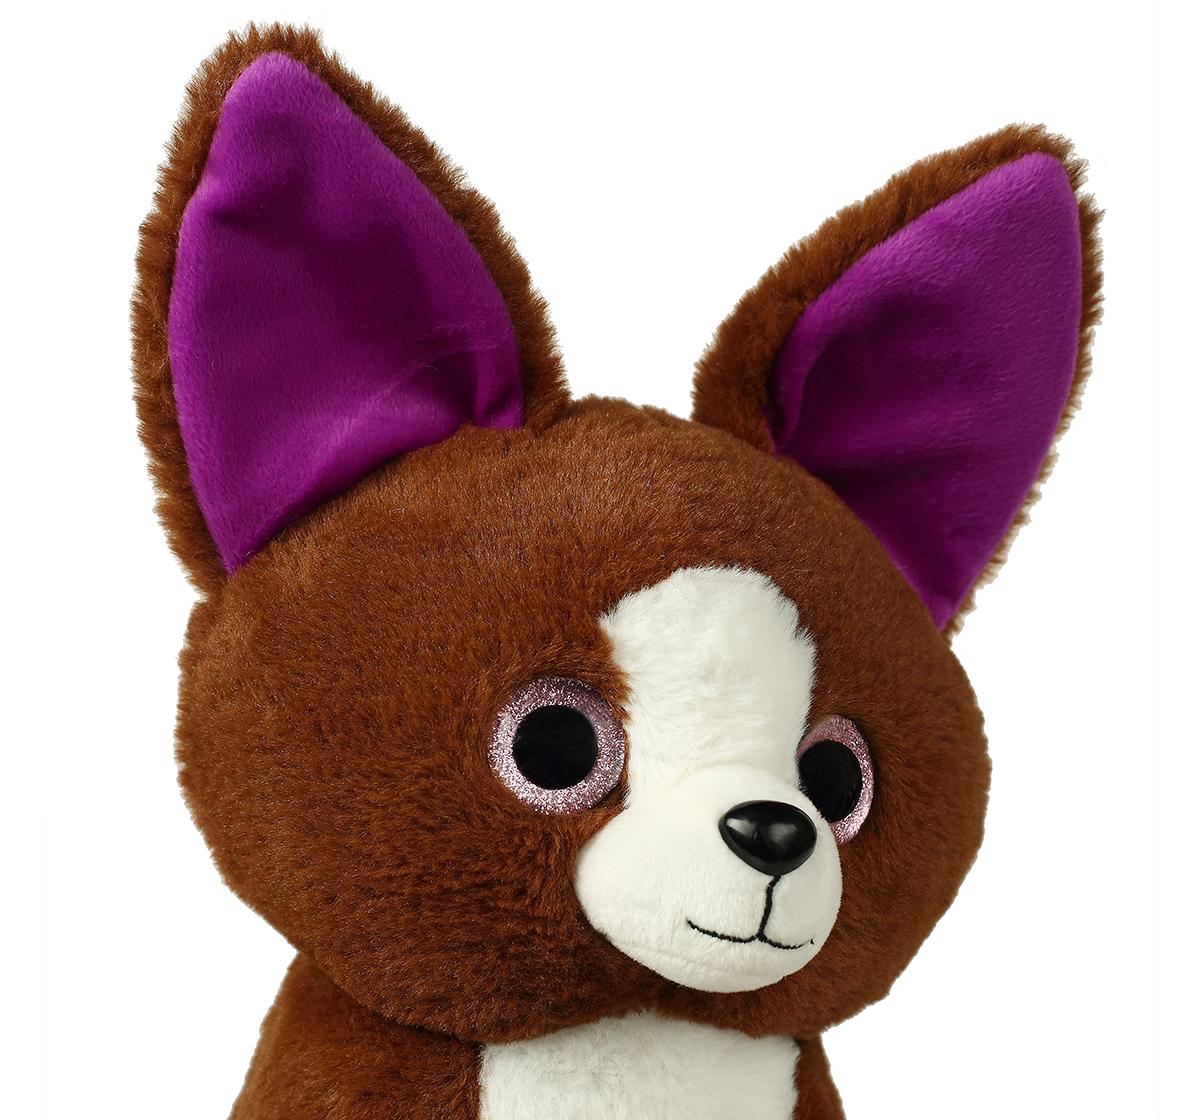 Soft Buddies | Soft Buddies Big Eyes Chihuahua 30Cm, Unisex, 9M+ (Multicolor)